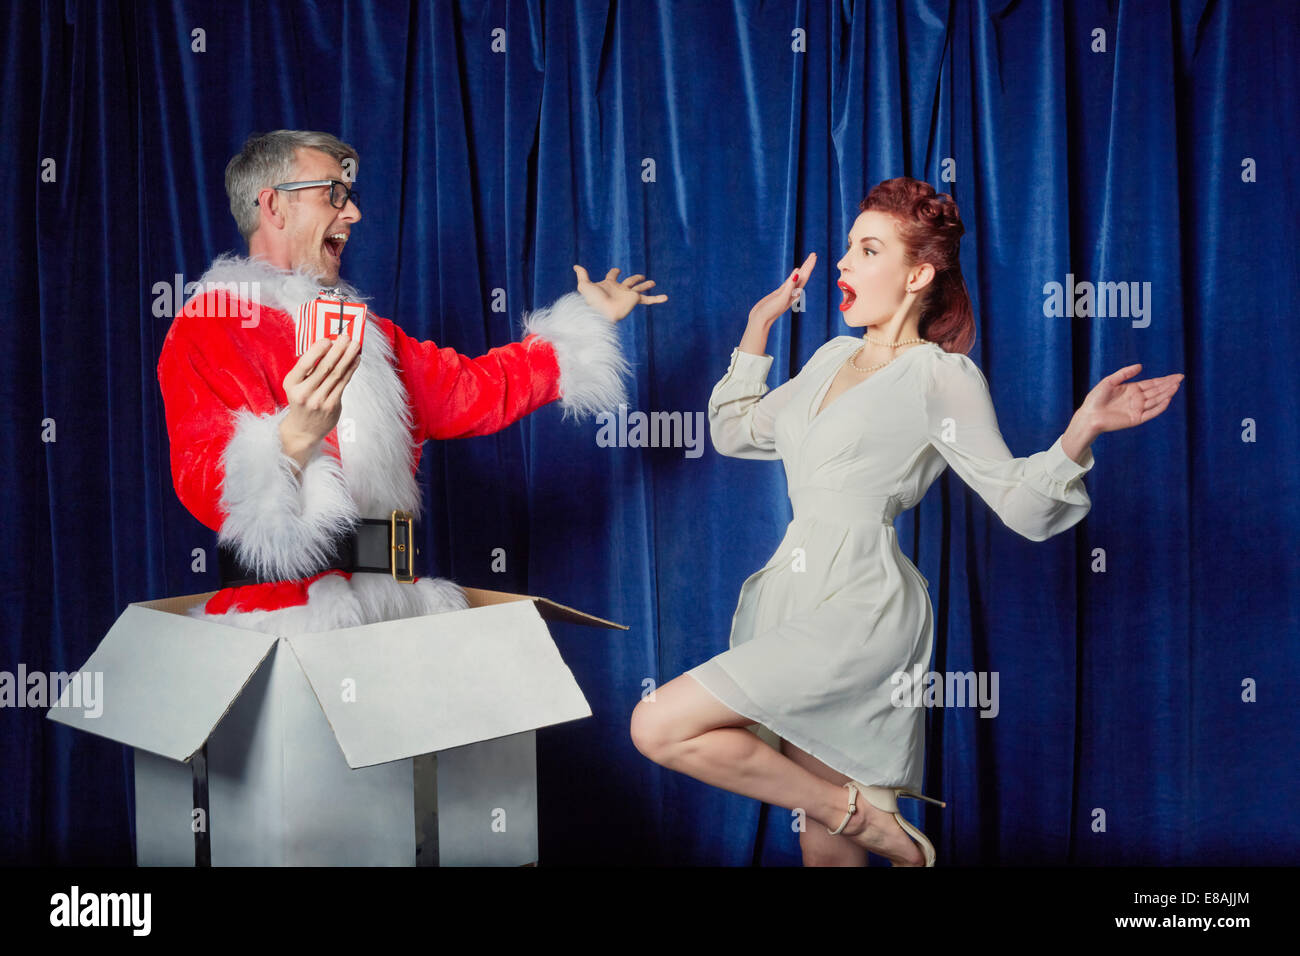 Femme avec Santa surprenant cadeau de Noël Photo Stock